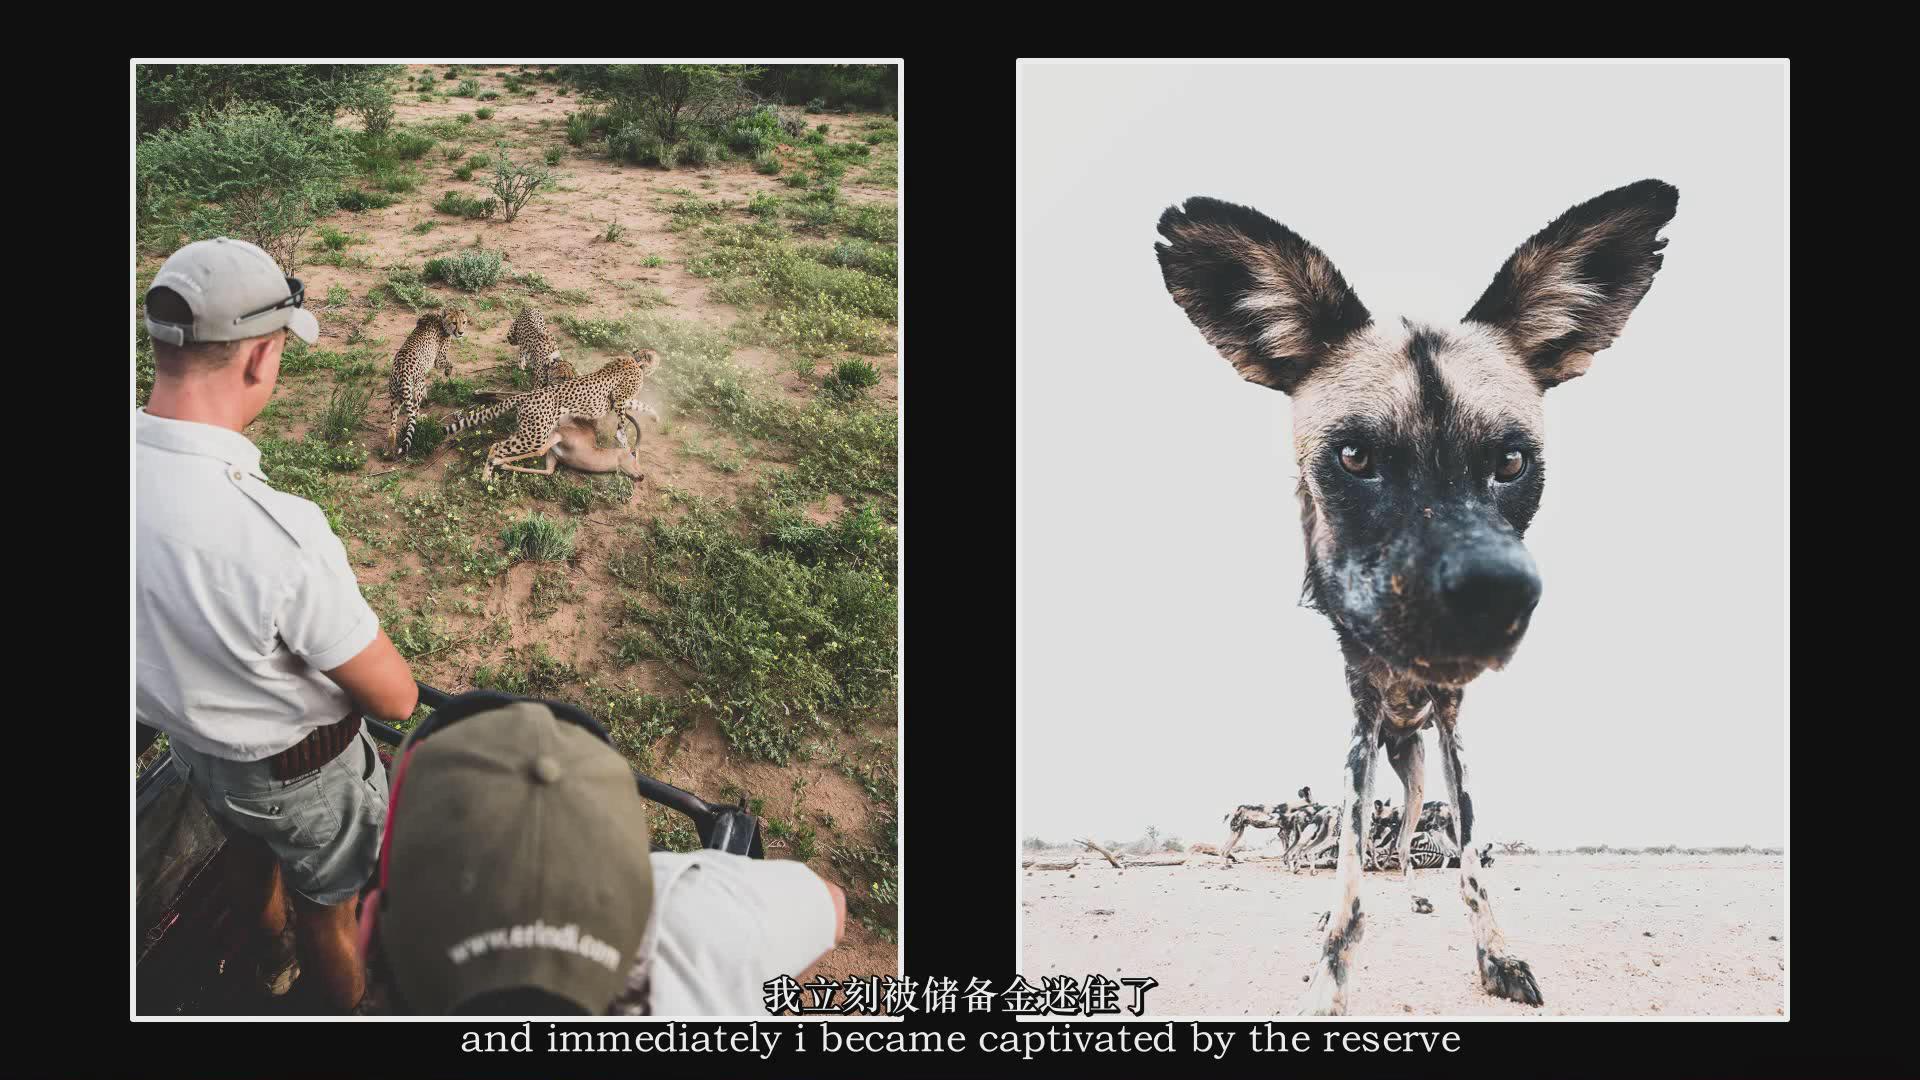 摄影教程_Chase Teron的终极野生动物摄影及后期套装教程附RAW素材-中英字幕 摄影教程 _预览图4